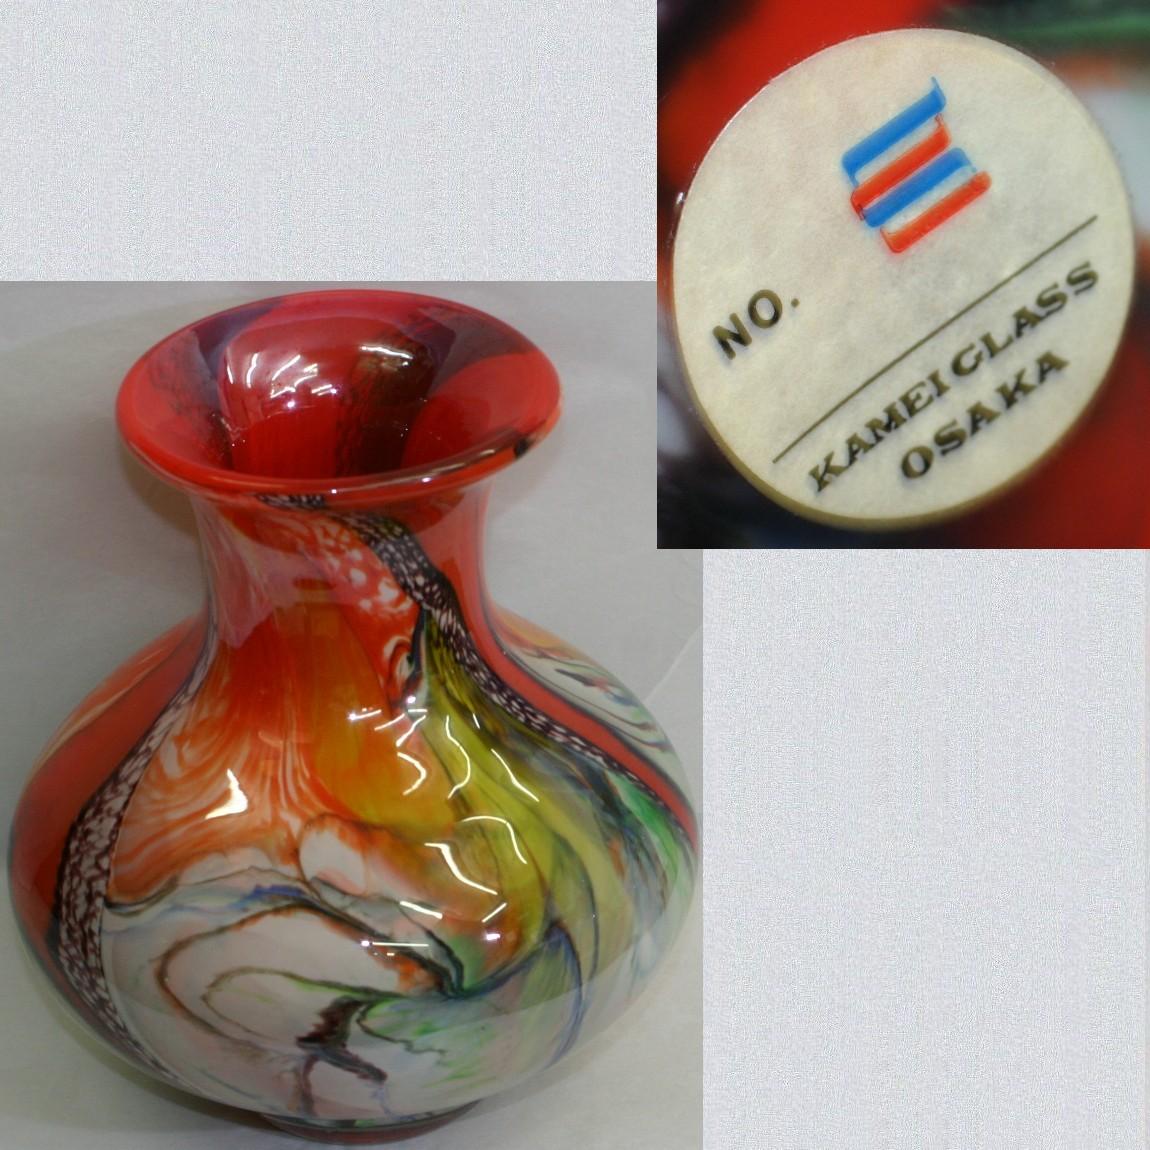 【中古】新品同様鮮やかなオレンジ色系のKAMEI CLASS OSAKA大阪ガラスの花瓶ドルフィン サイズW25H13,5D21cm